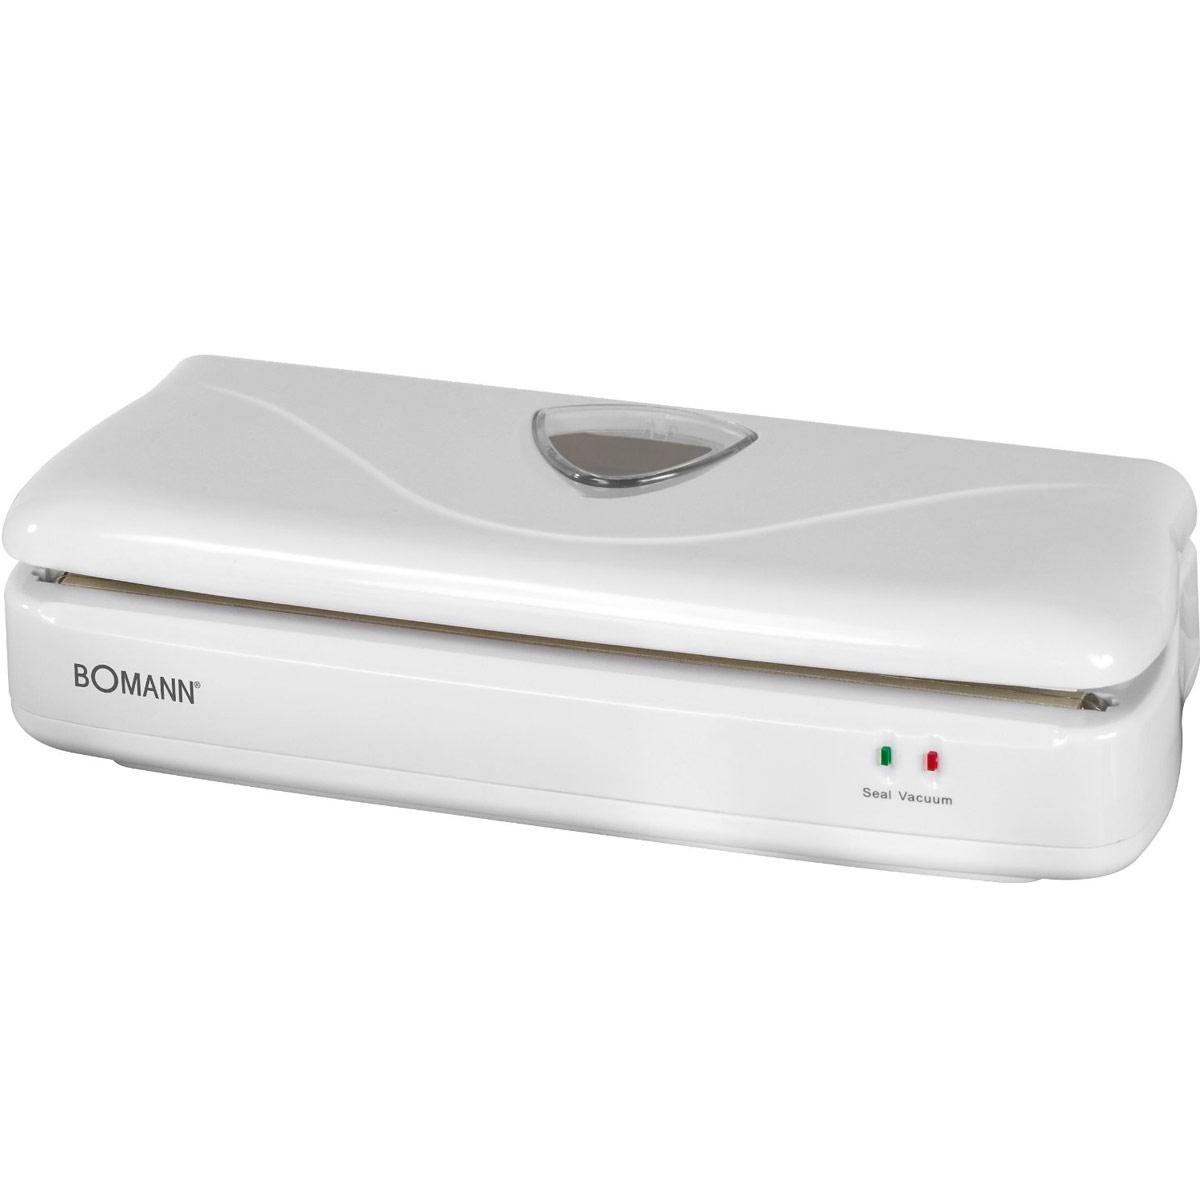 Bomann FS 1014 CB, White вакуумный упаковщикFS 1014 CB weisВакуумный упаковщик Bomann FS 1014 CB идеально подходит для разделения продуктов на порции. 2 световых индикатора Мощный вакуумный насос Напряжение: 230 В В комплекте: пленка (3 м)